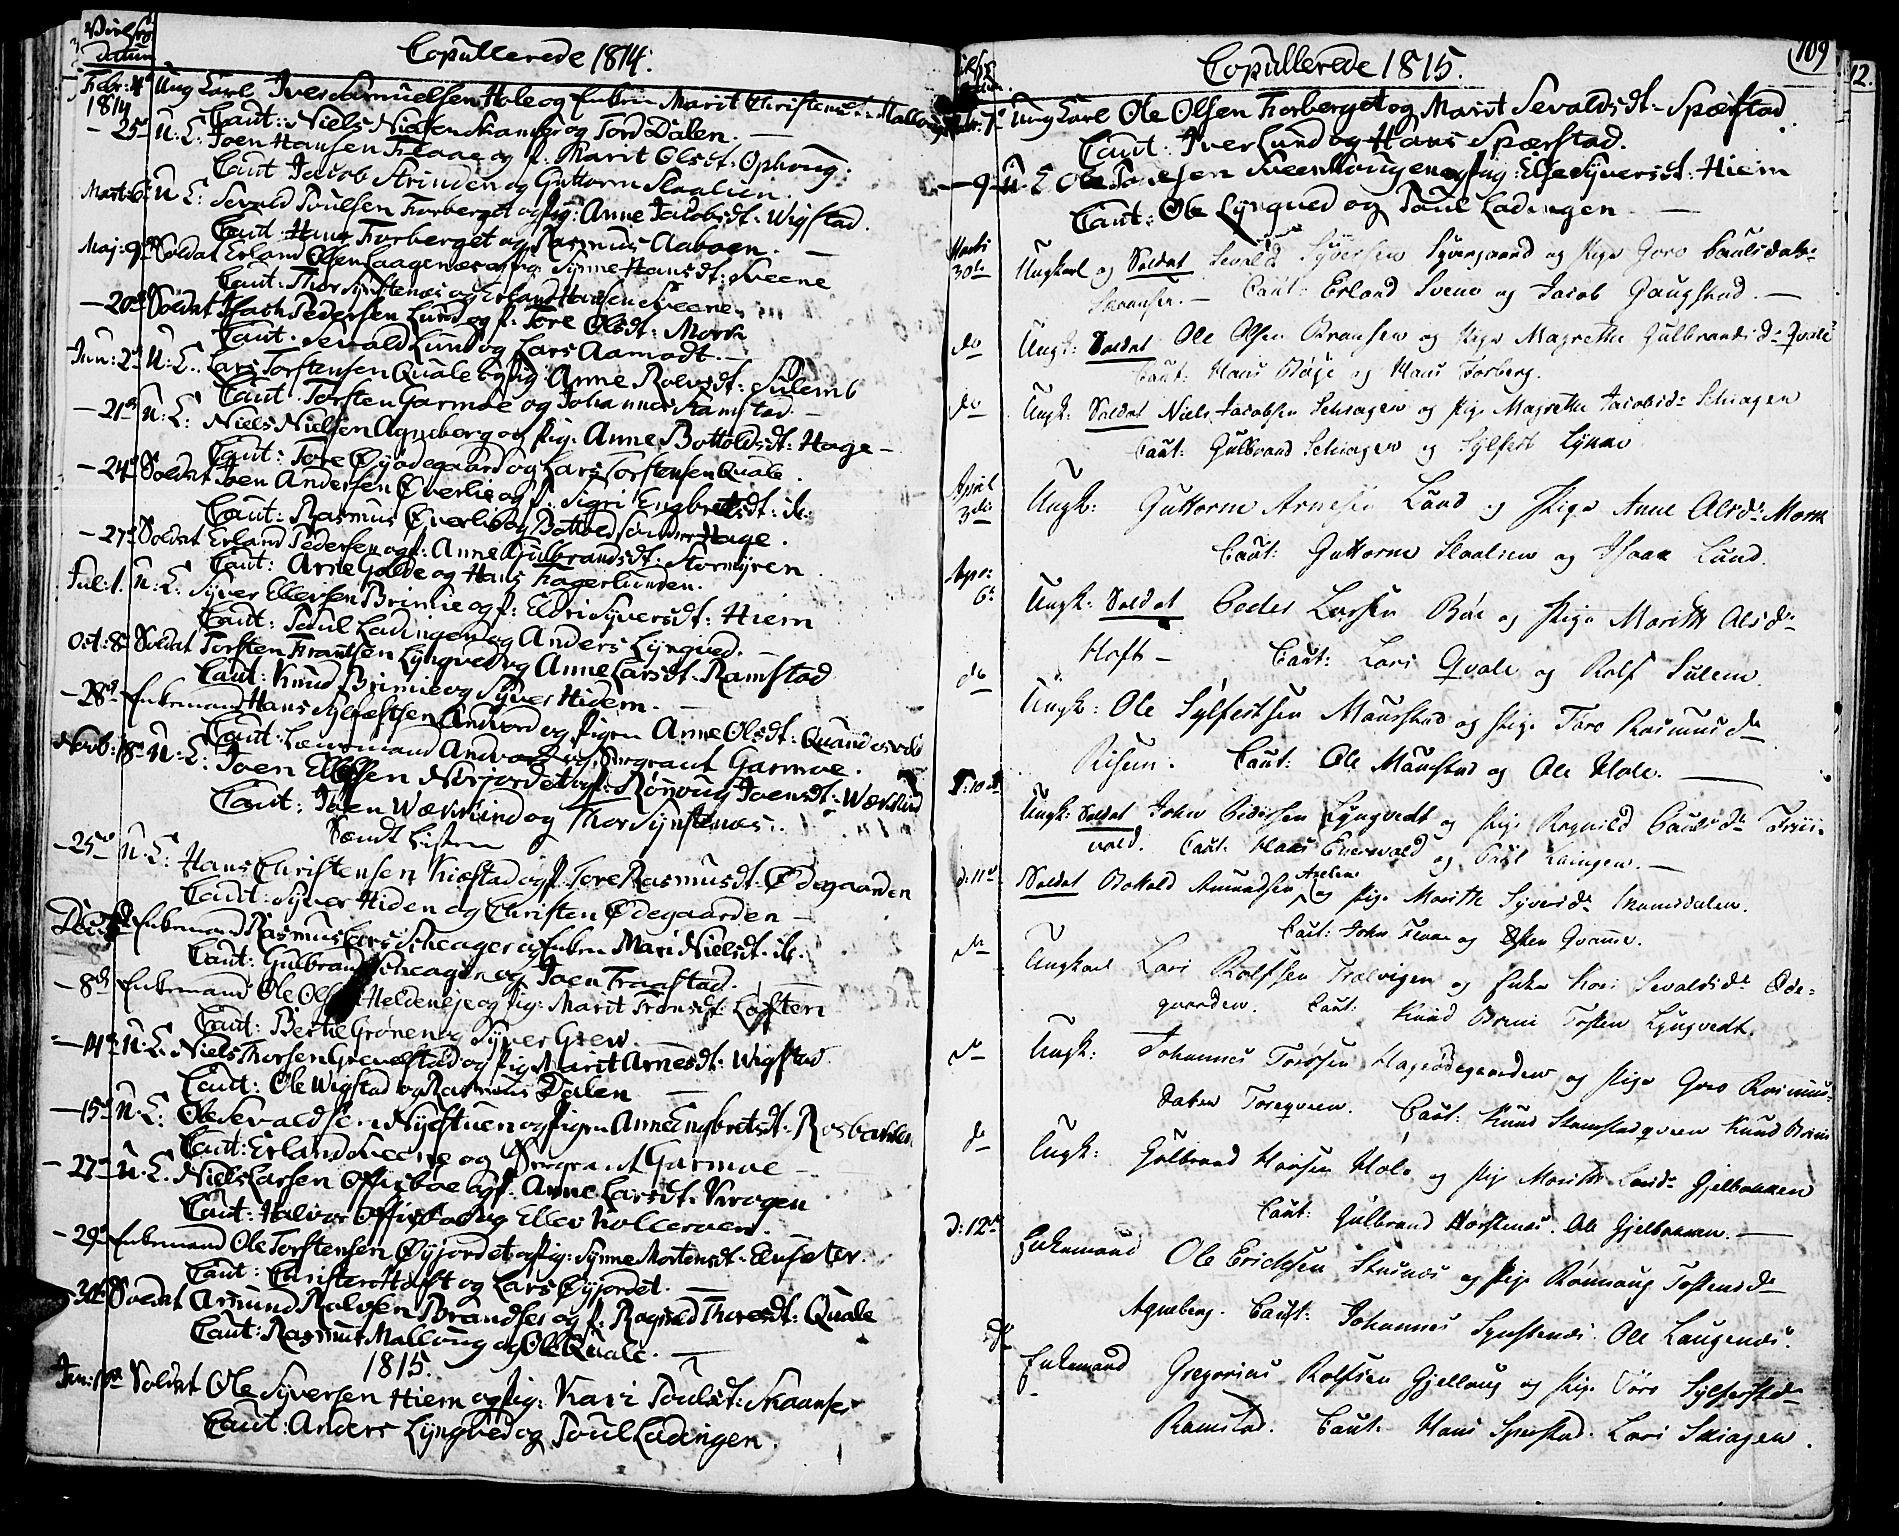 SAH, Lom prestekontor, K/L0003: Ministerialbok nr. 3, 1801-1825, s. 109